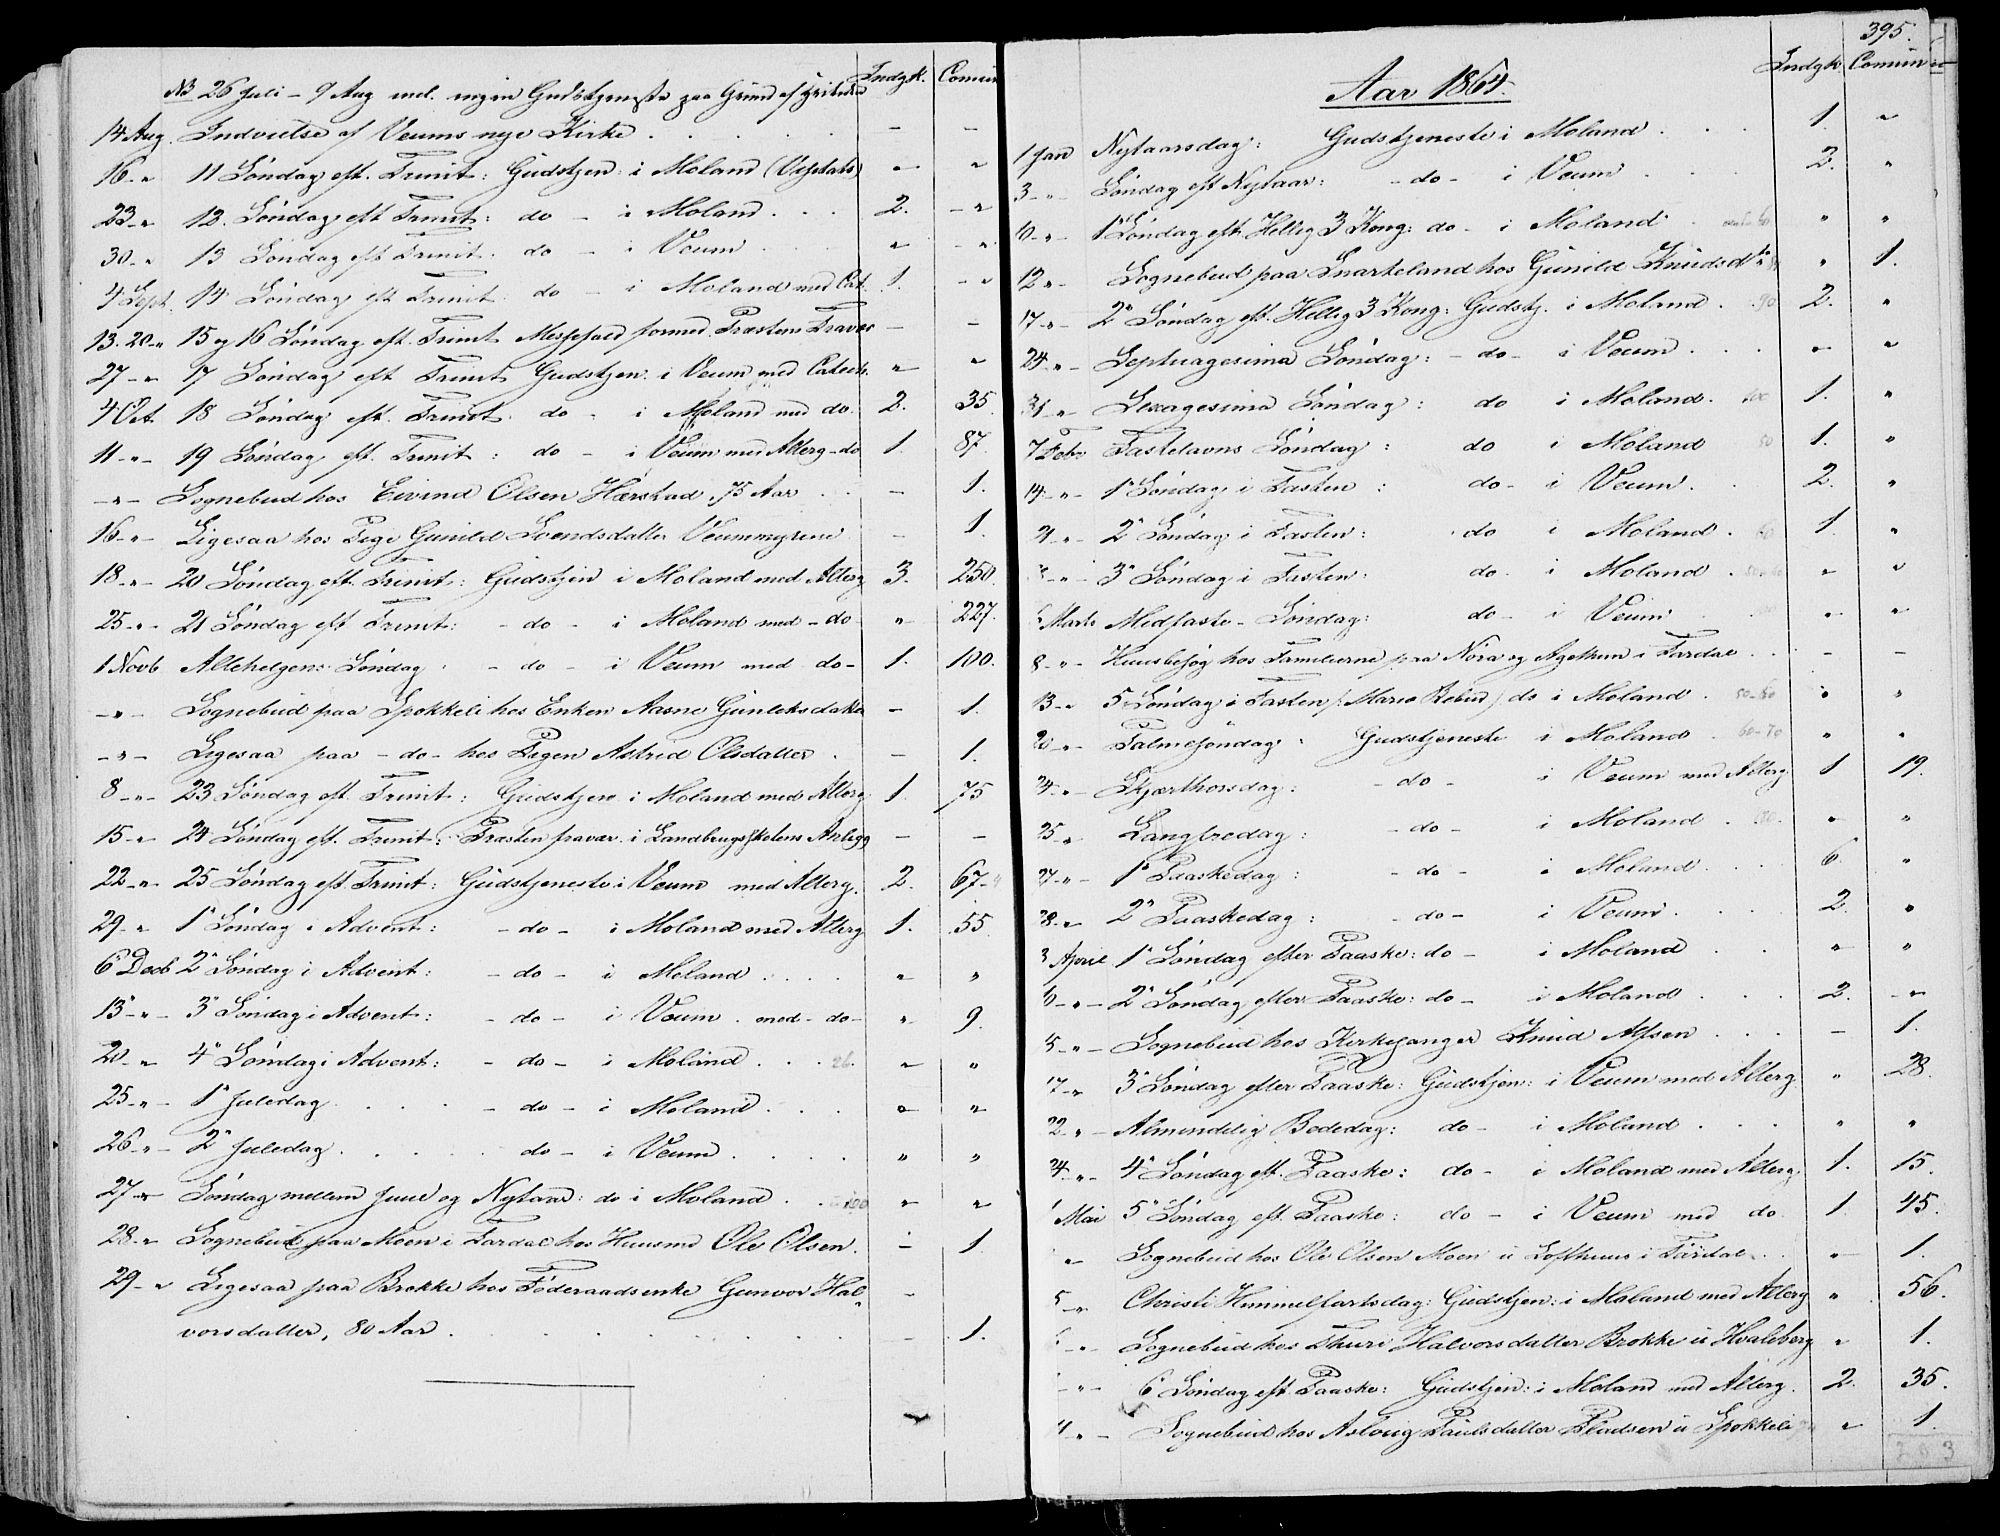 SAKO, Fyresdal kirkebøker, F/Fa/L0005: Ministerialbok nr. I 5, 1855-1871, s. 395